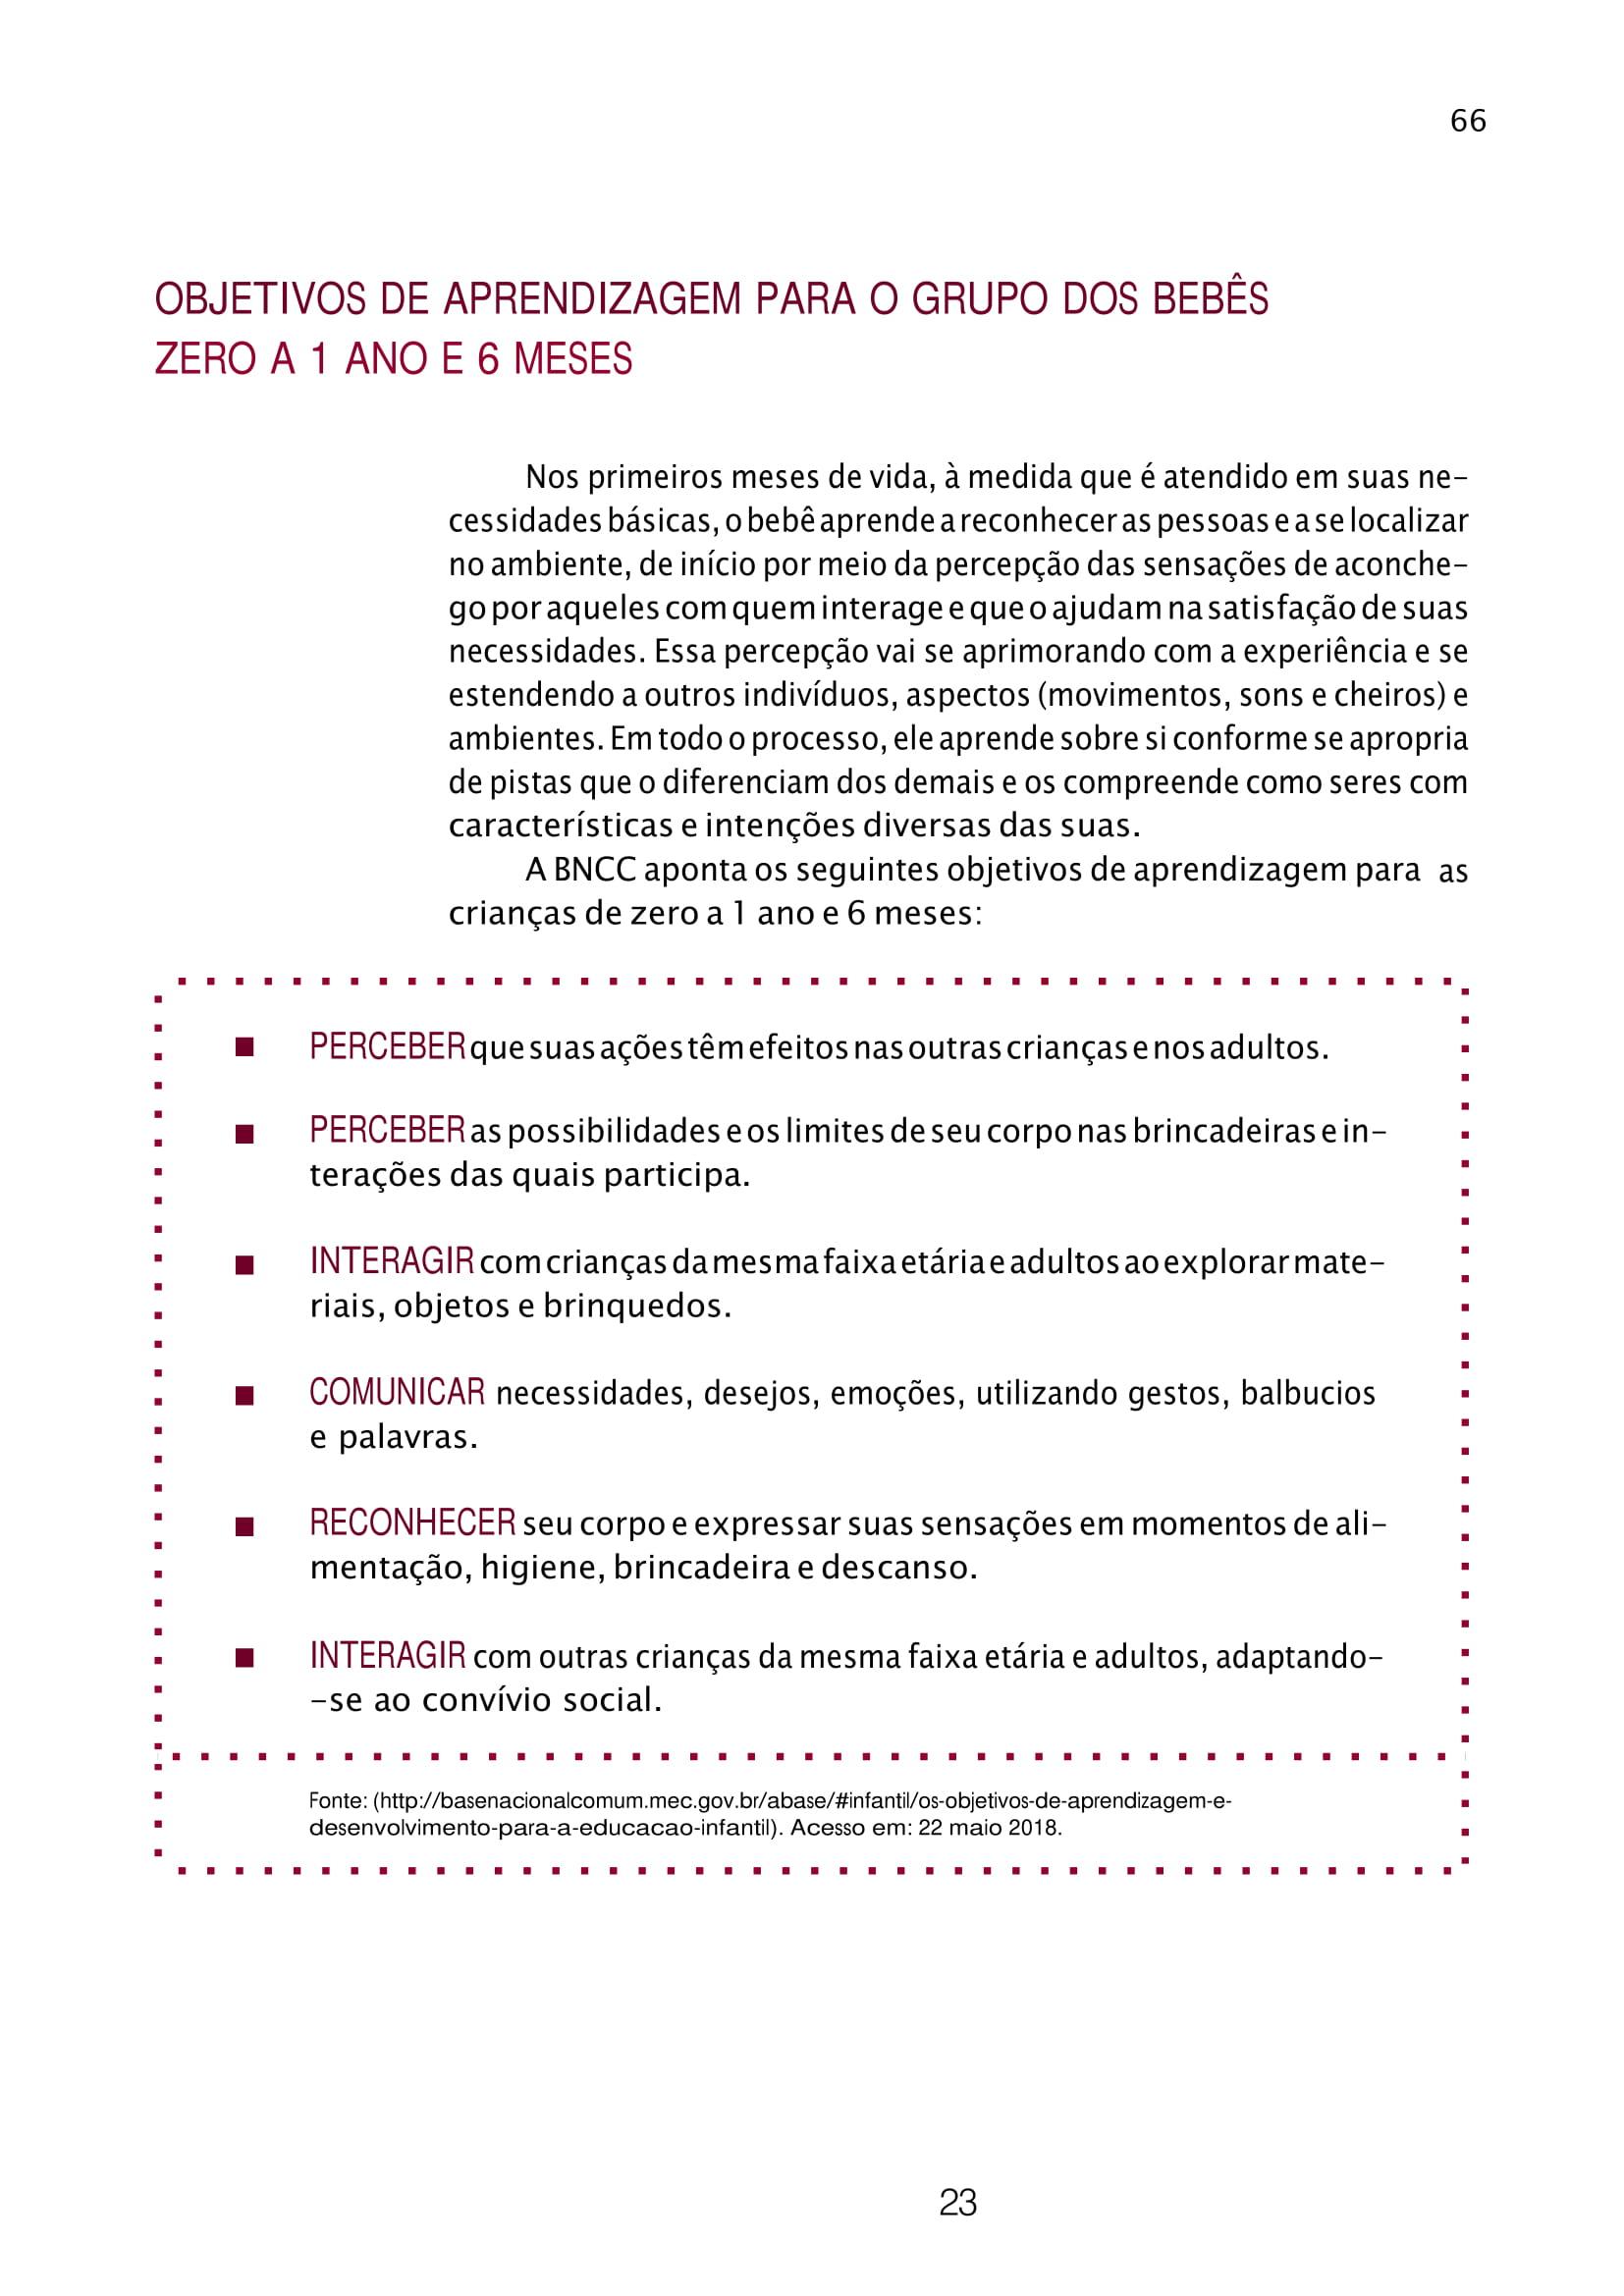 planejamento-educação-infantil-bncc-geral-96